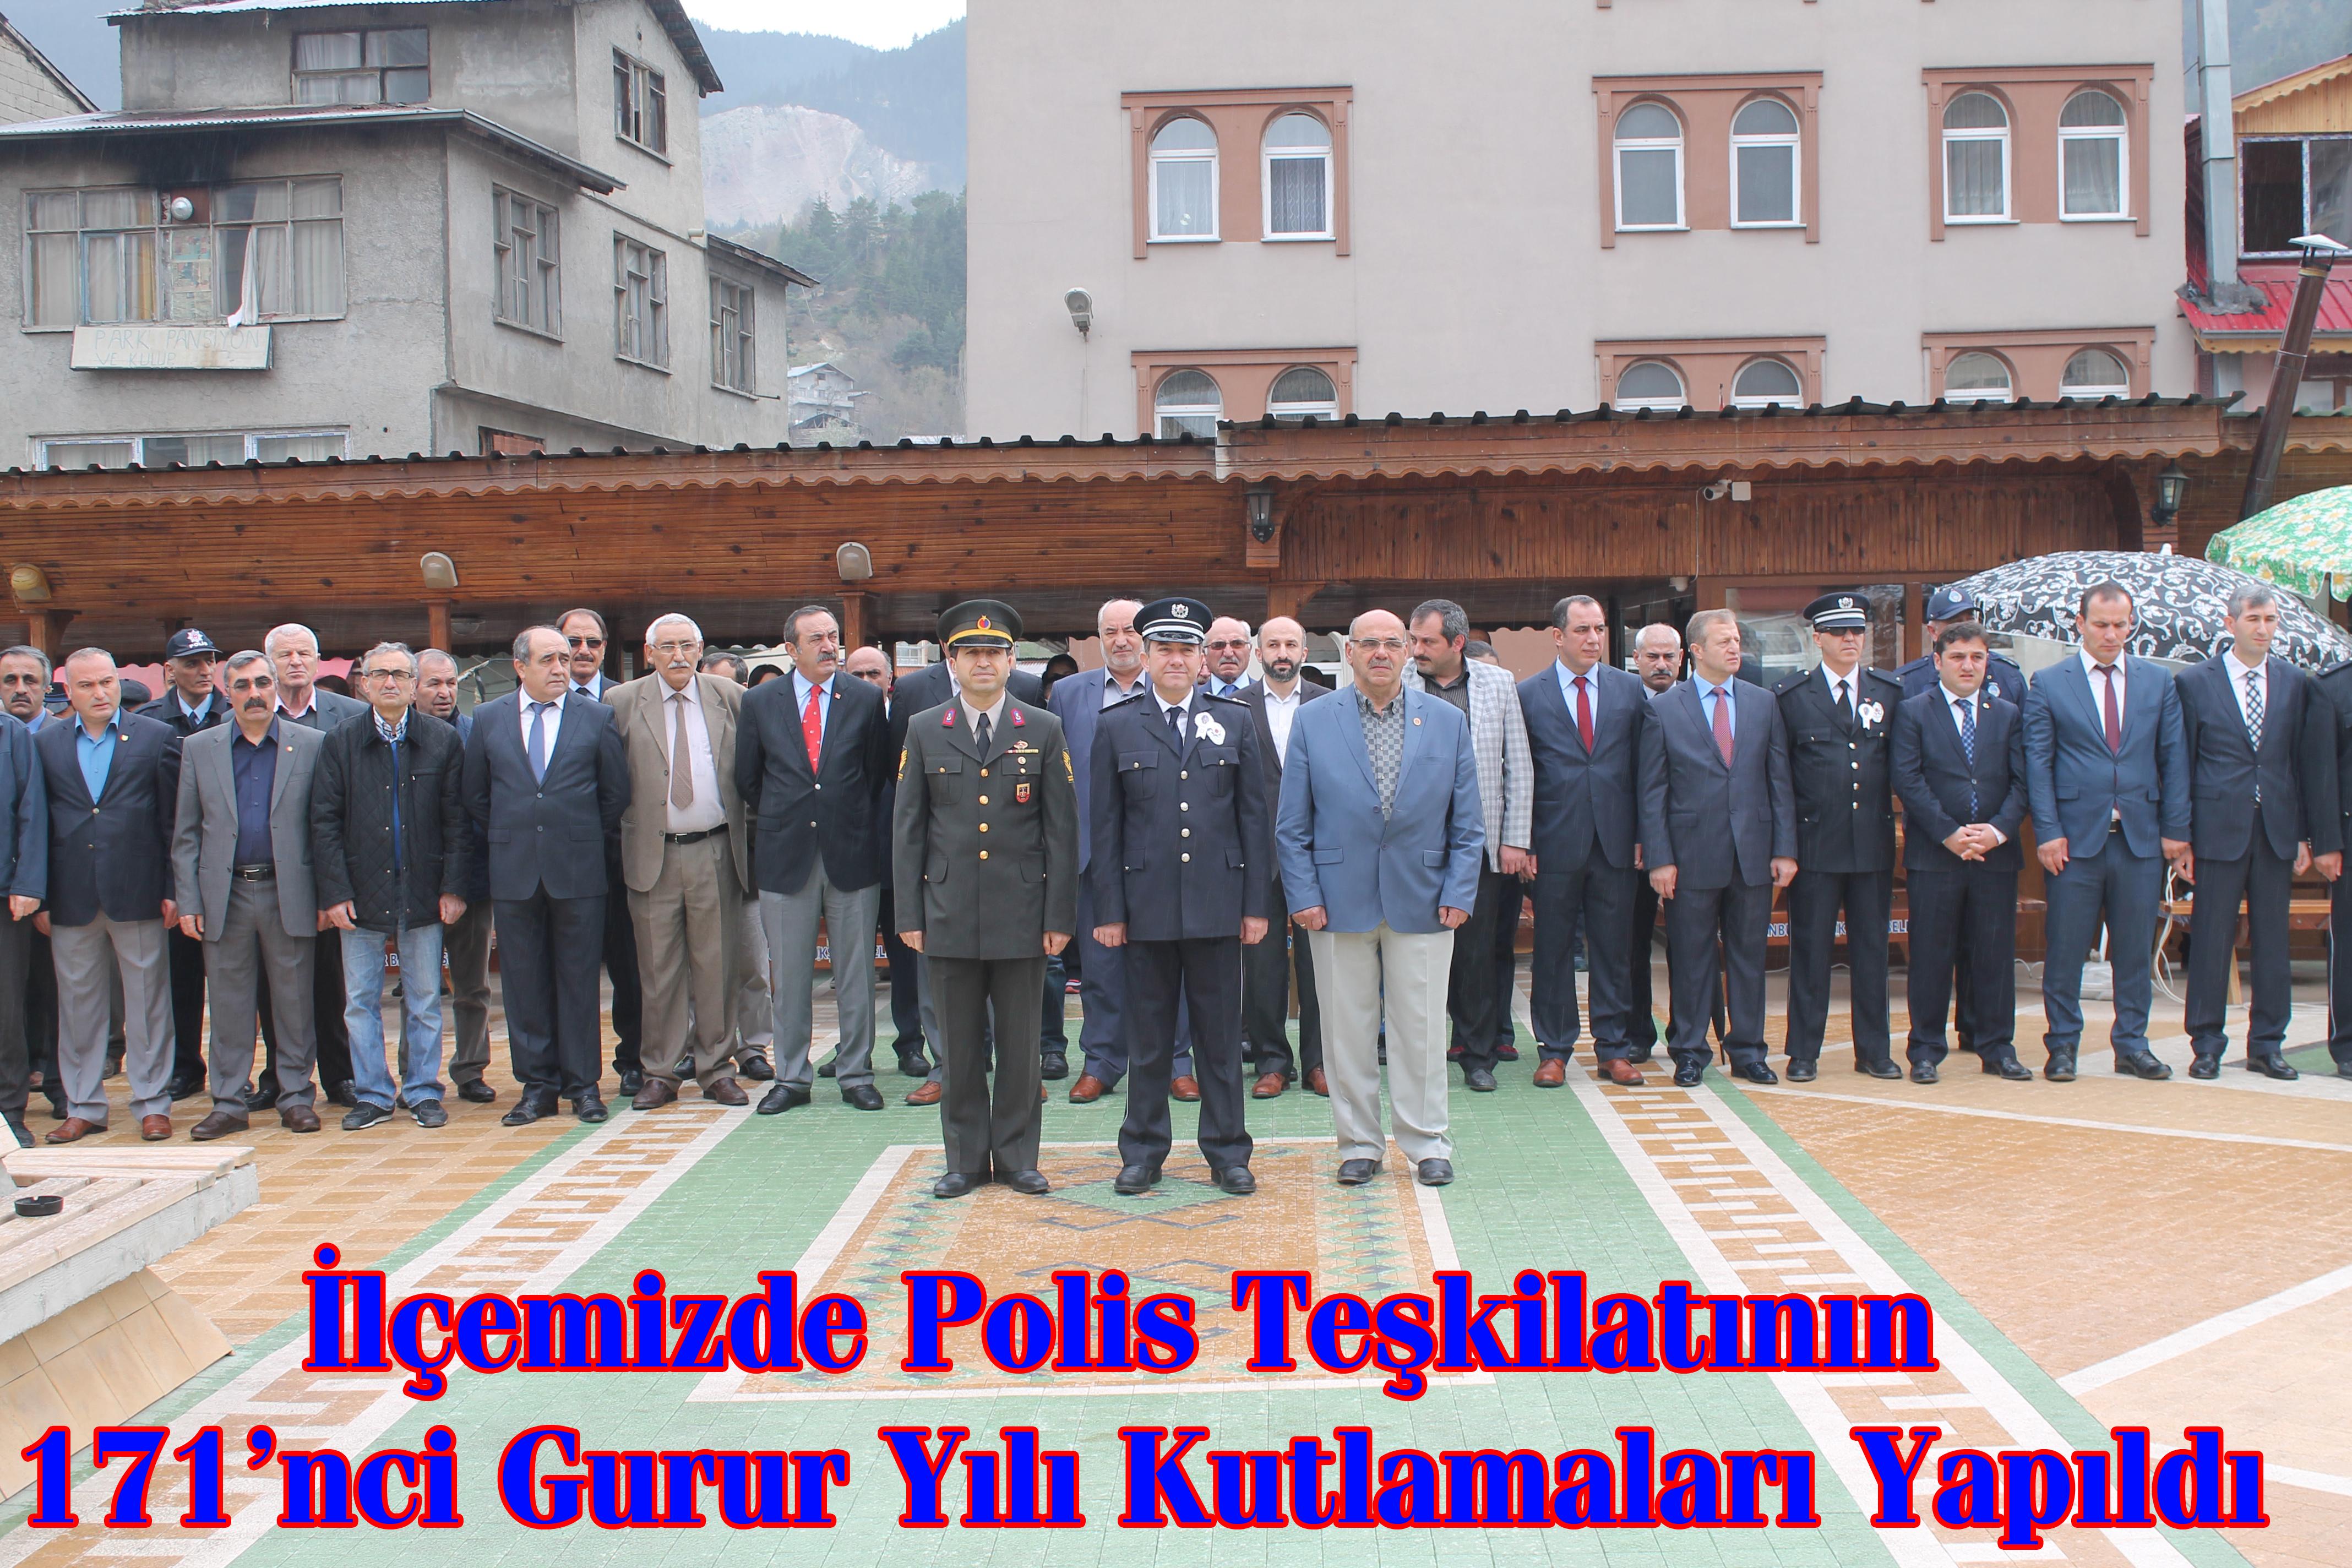 Türk Polis Teşkilatının 171. Kuruluş Yıldönümü Kutlandı